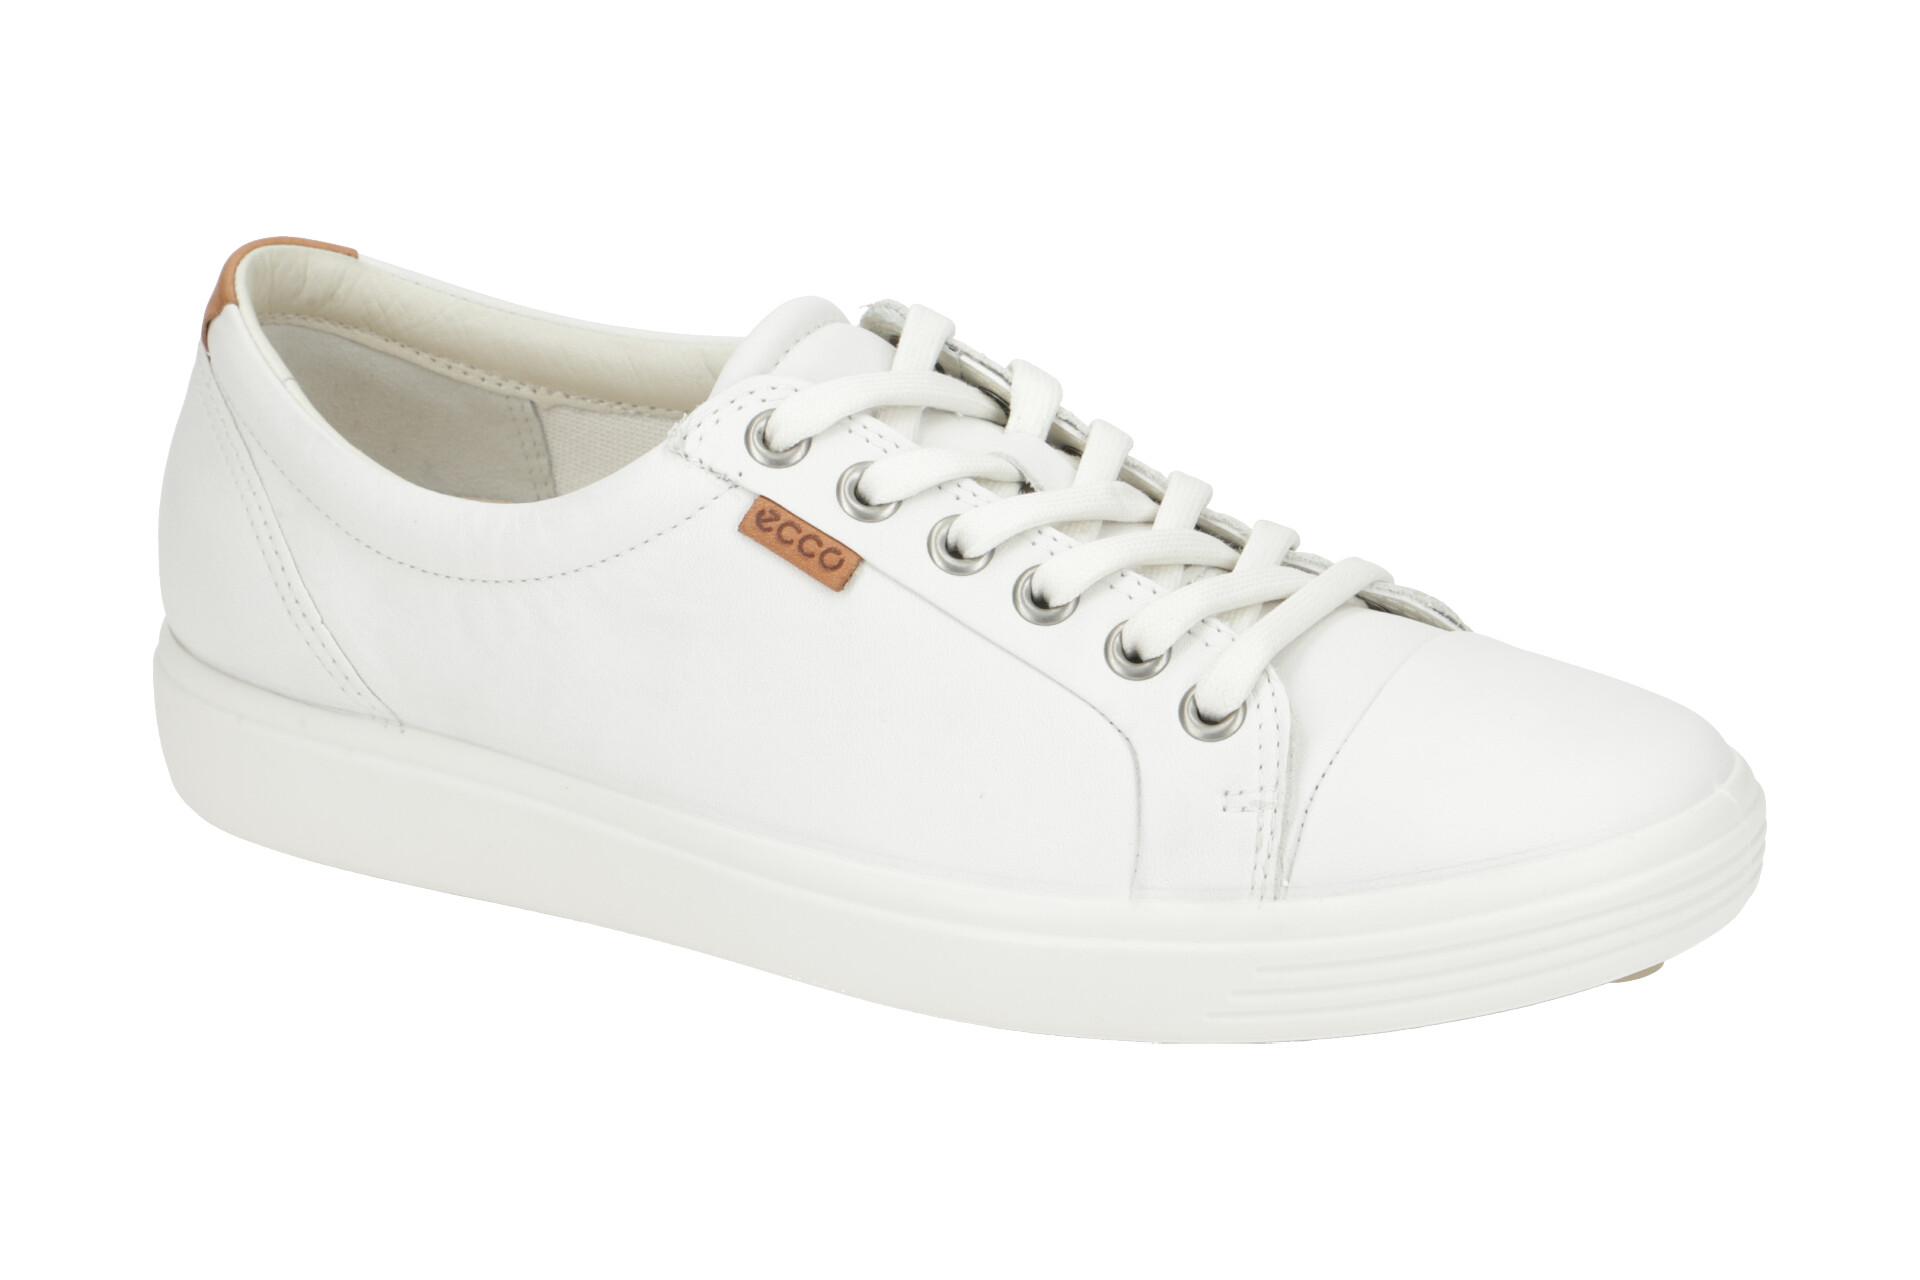 Ecco Schuhe SOFT 7 LADIES weiß Damenschuhe 43000301007 NEU